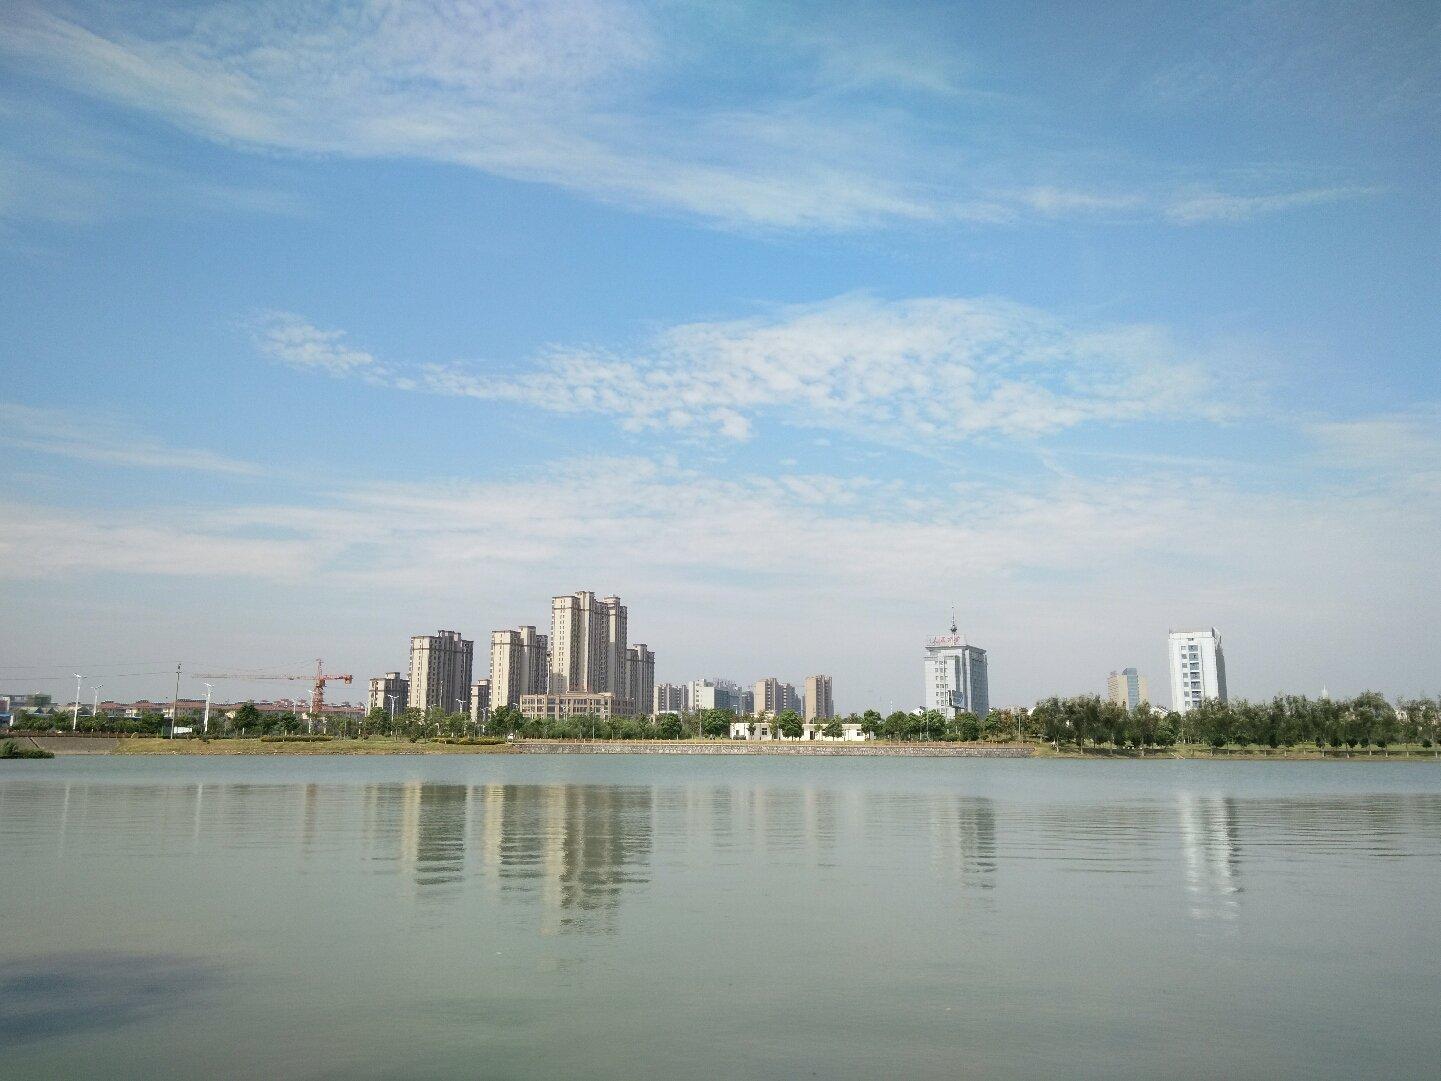 安徽继芜湖之后,又一座城市经济将破3千亿,不是安庆也不是蚌埠